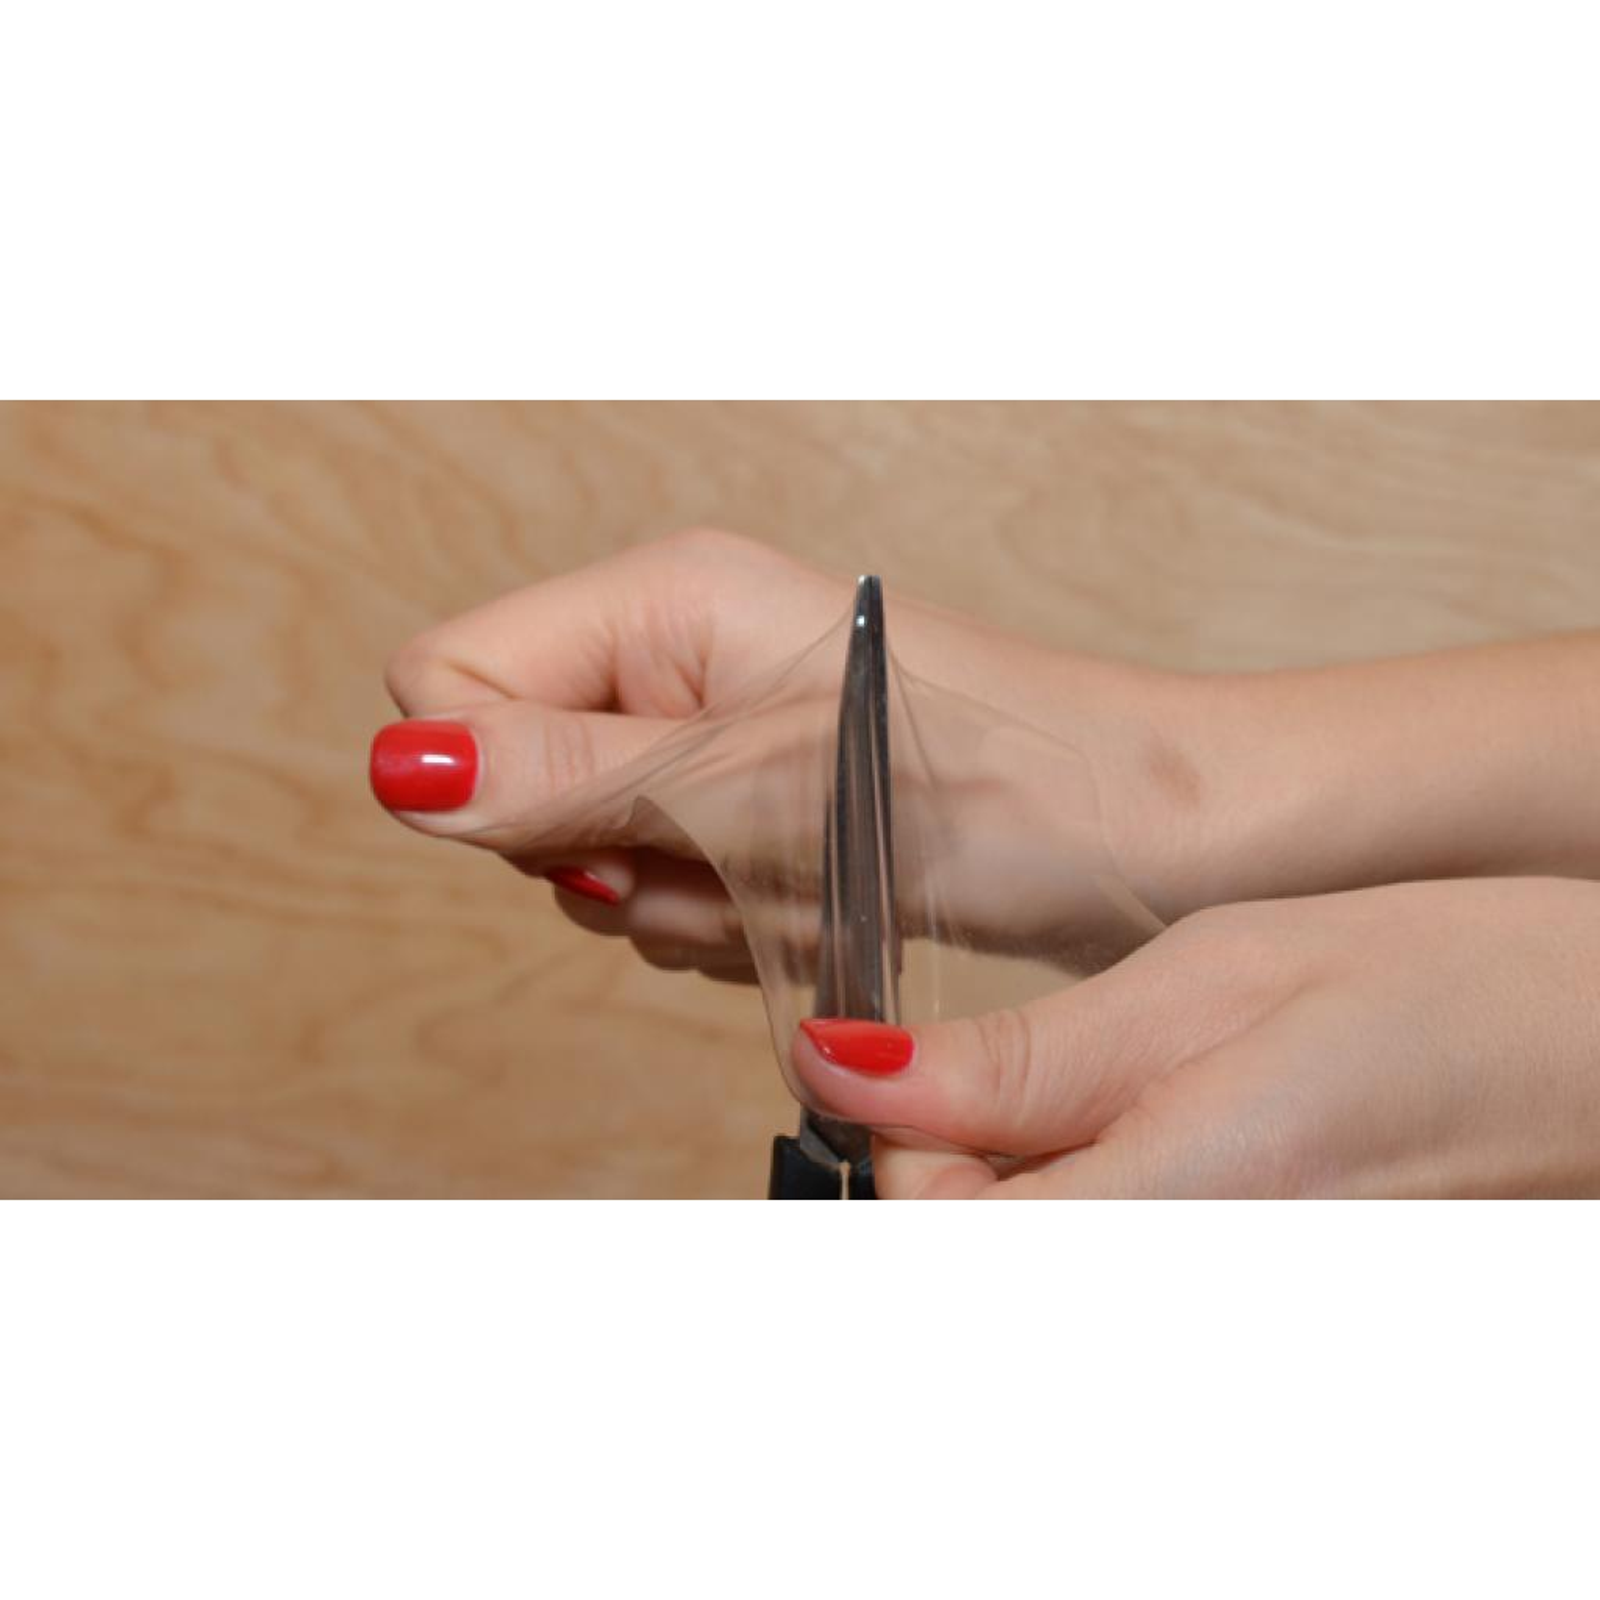 Пленка защитная JINN ультрапрочная Magic Screen для Fly IQ440 Energie (Fly IQ440 Energie front+back) изображение 4